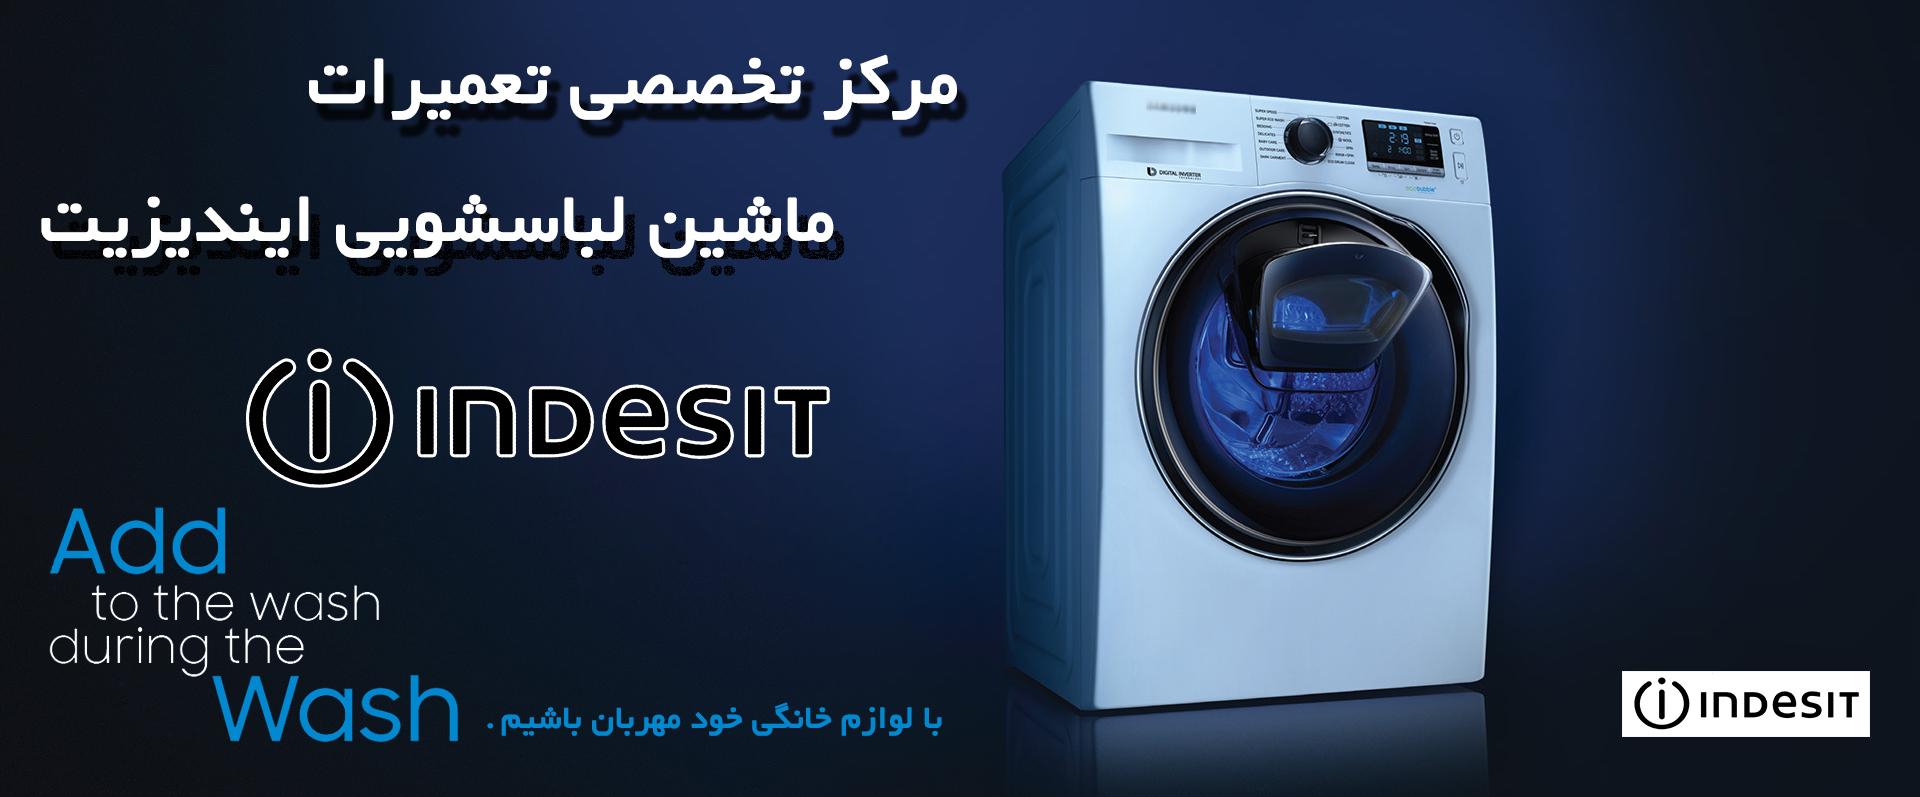 تعمیرات ماشین لباسشویی ایندیزیت